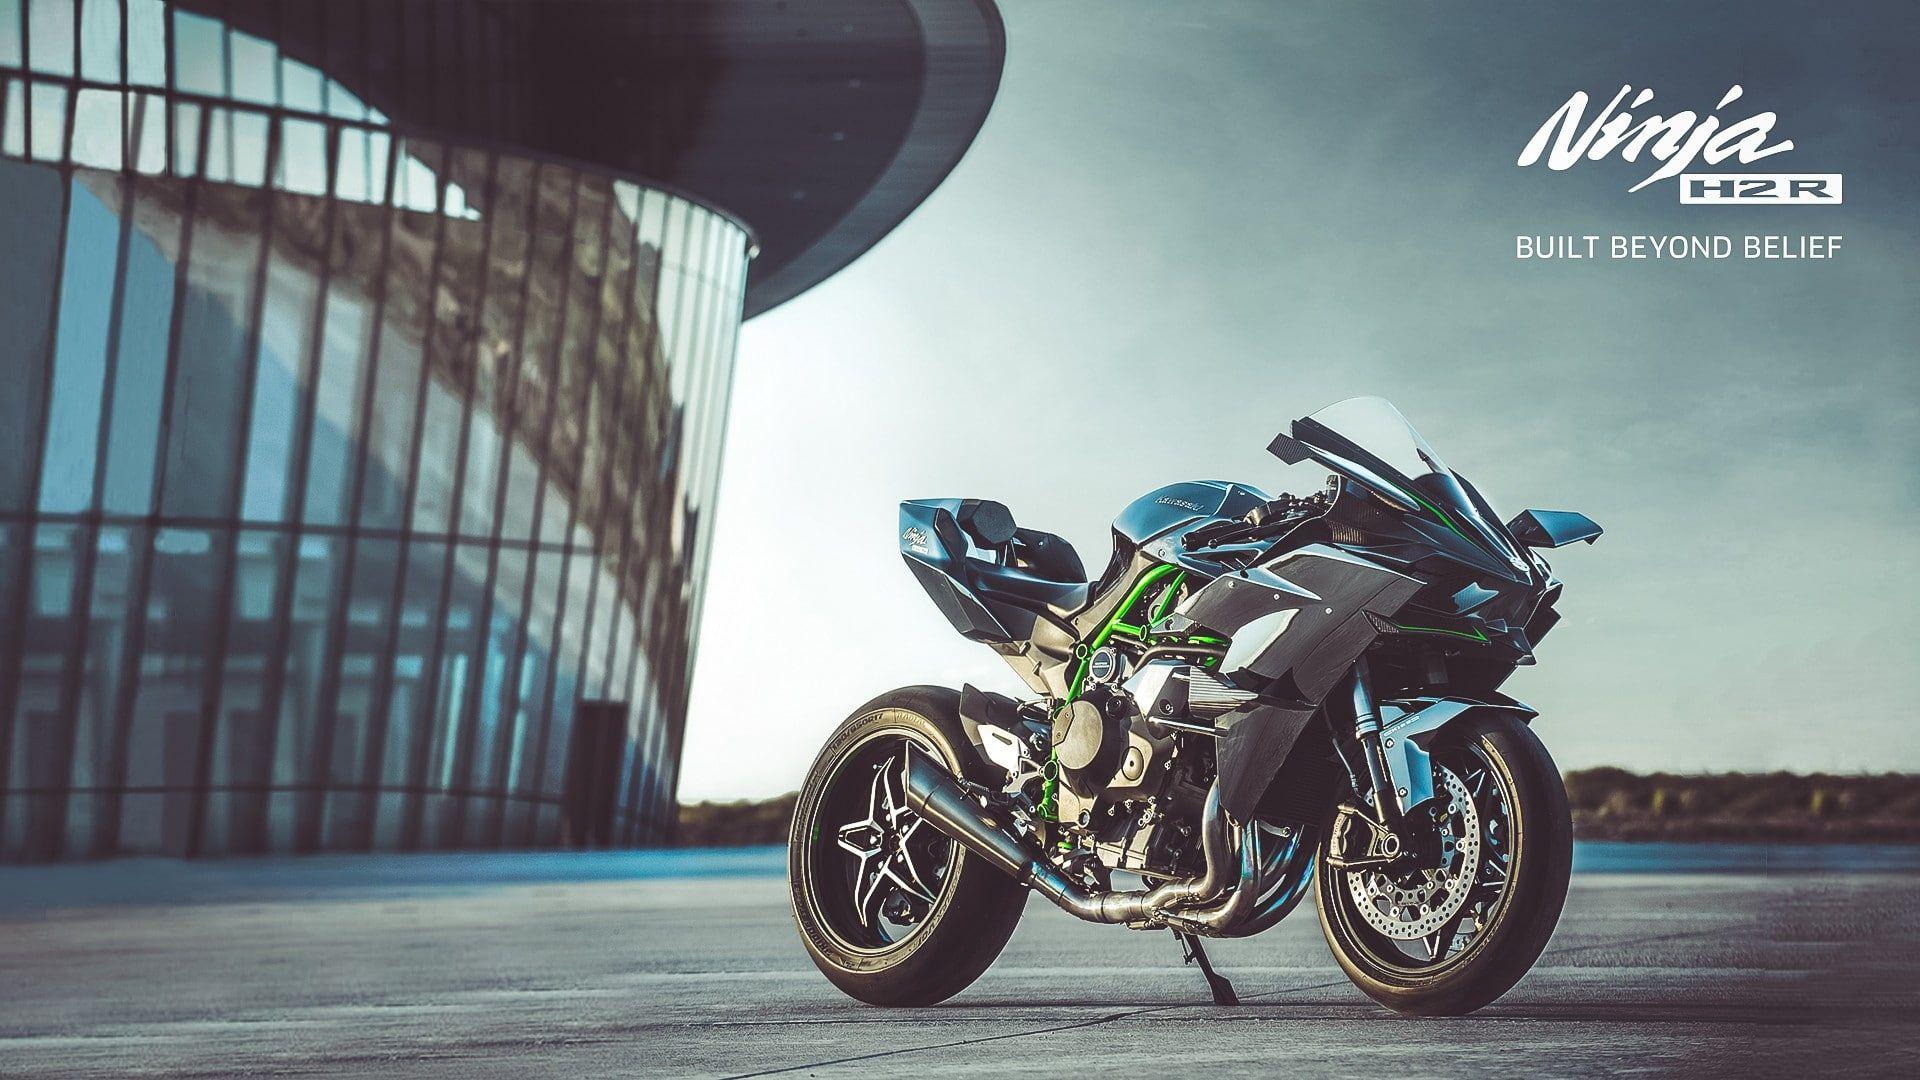 Kawasaki Ninja Kawasaki Ninja H2r Motorcycle 1080p Wallpaper